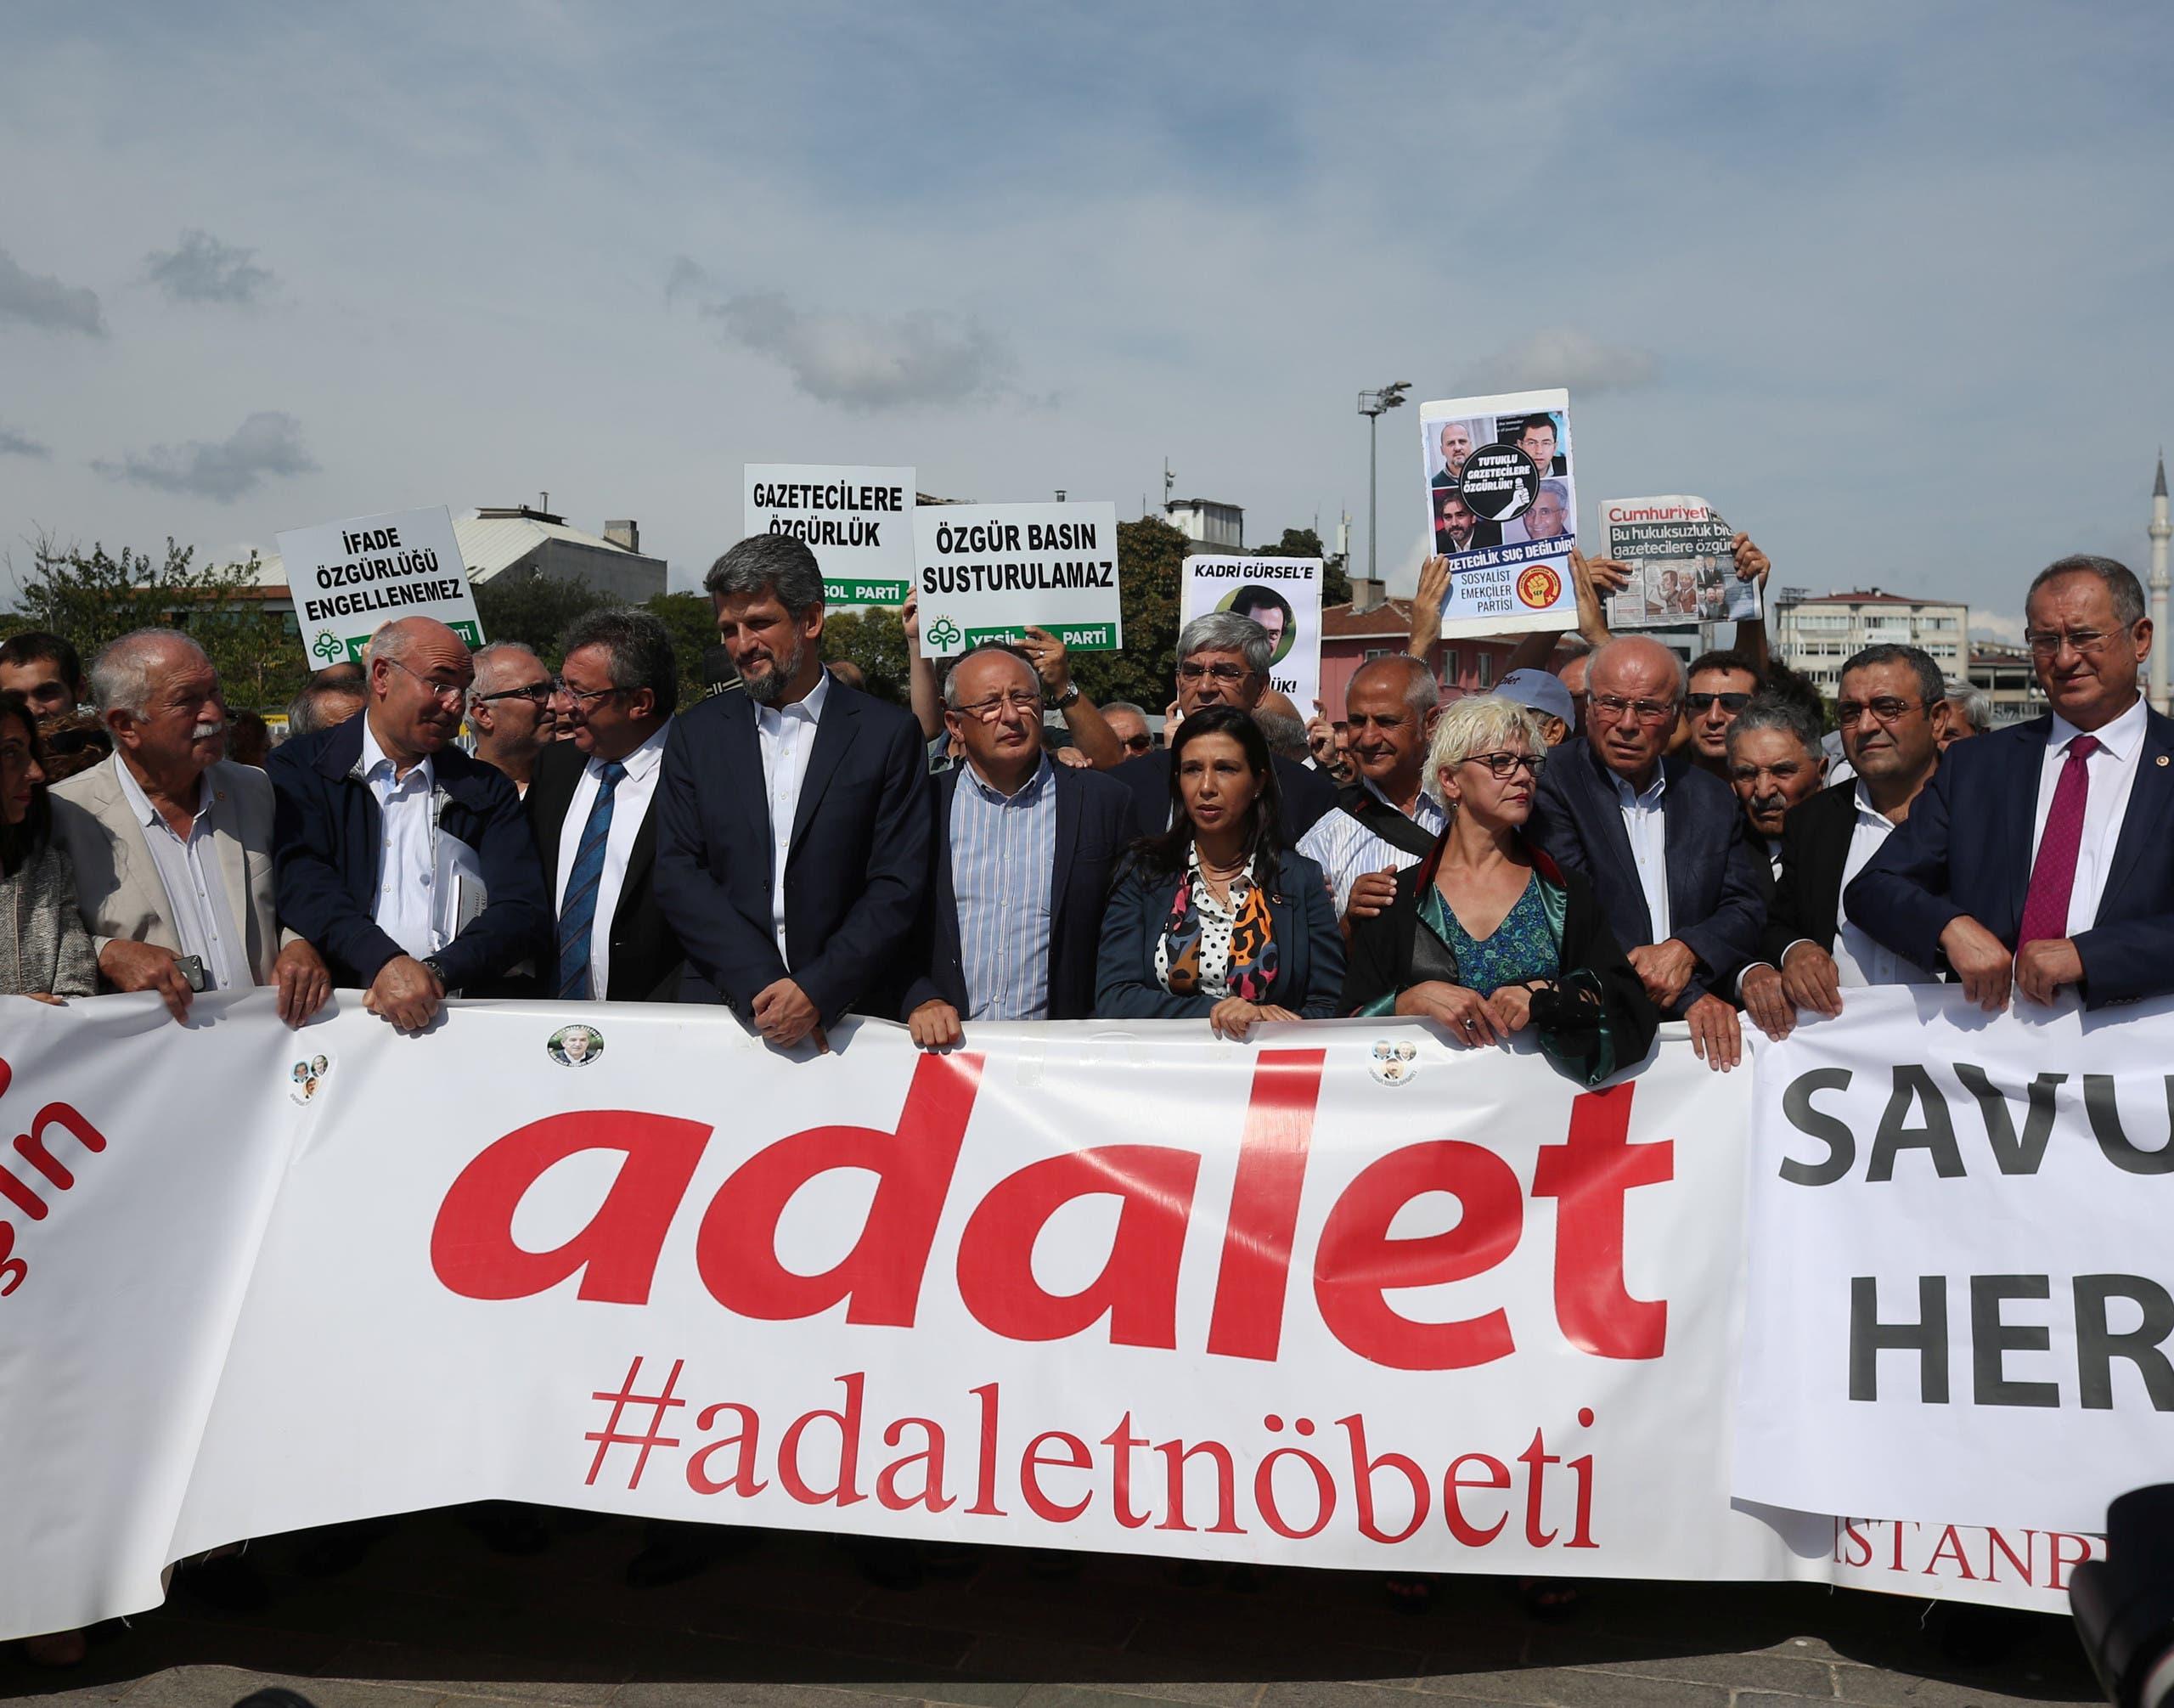 مظاهرة في اسطنبول للدفاع عن حرية الصحافة